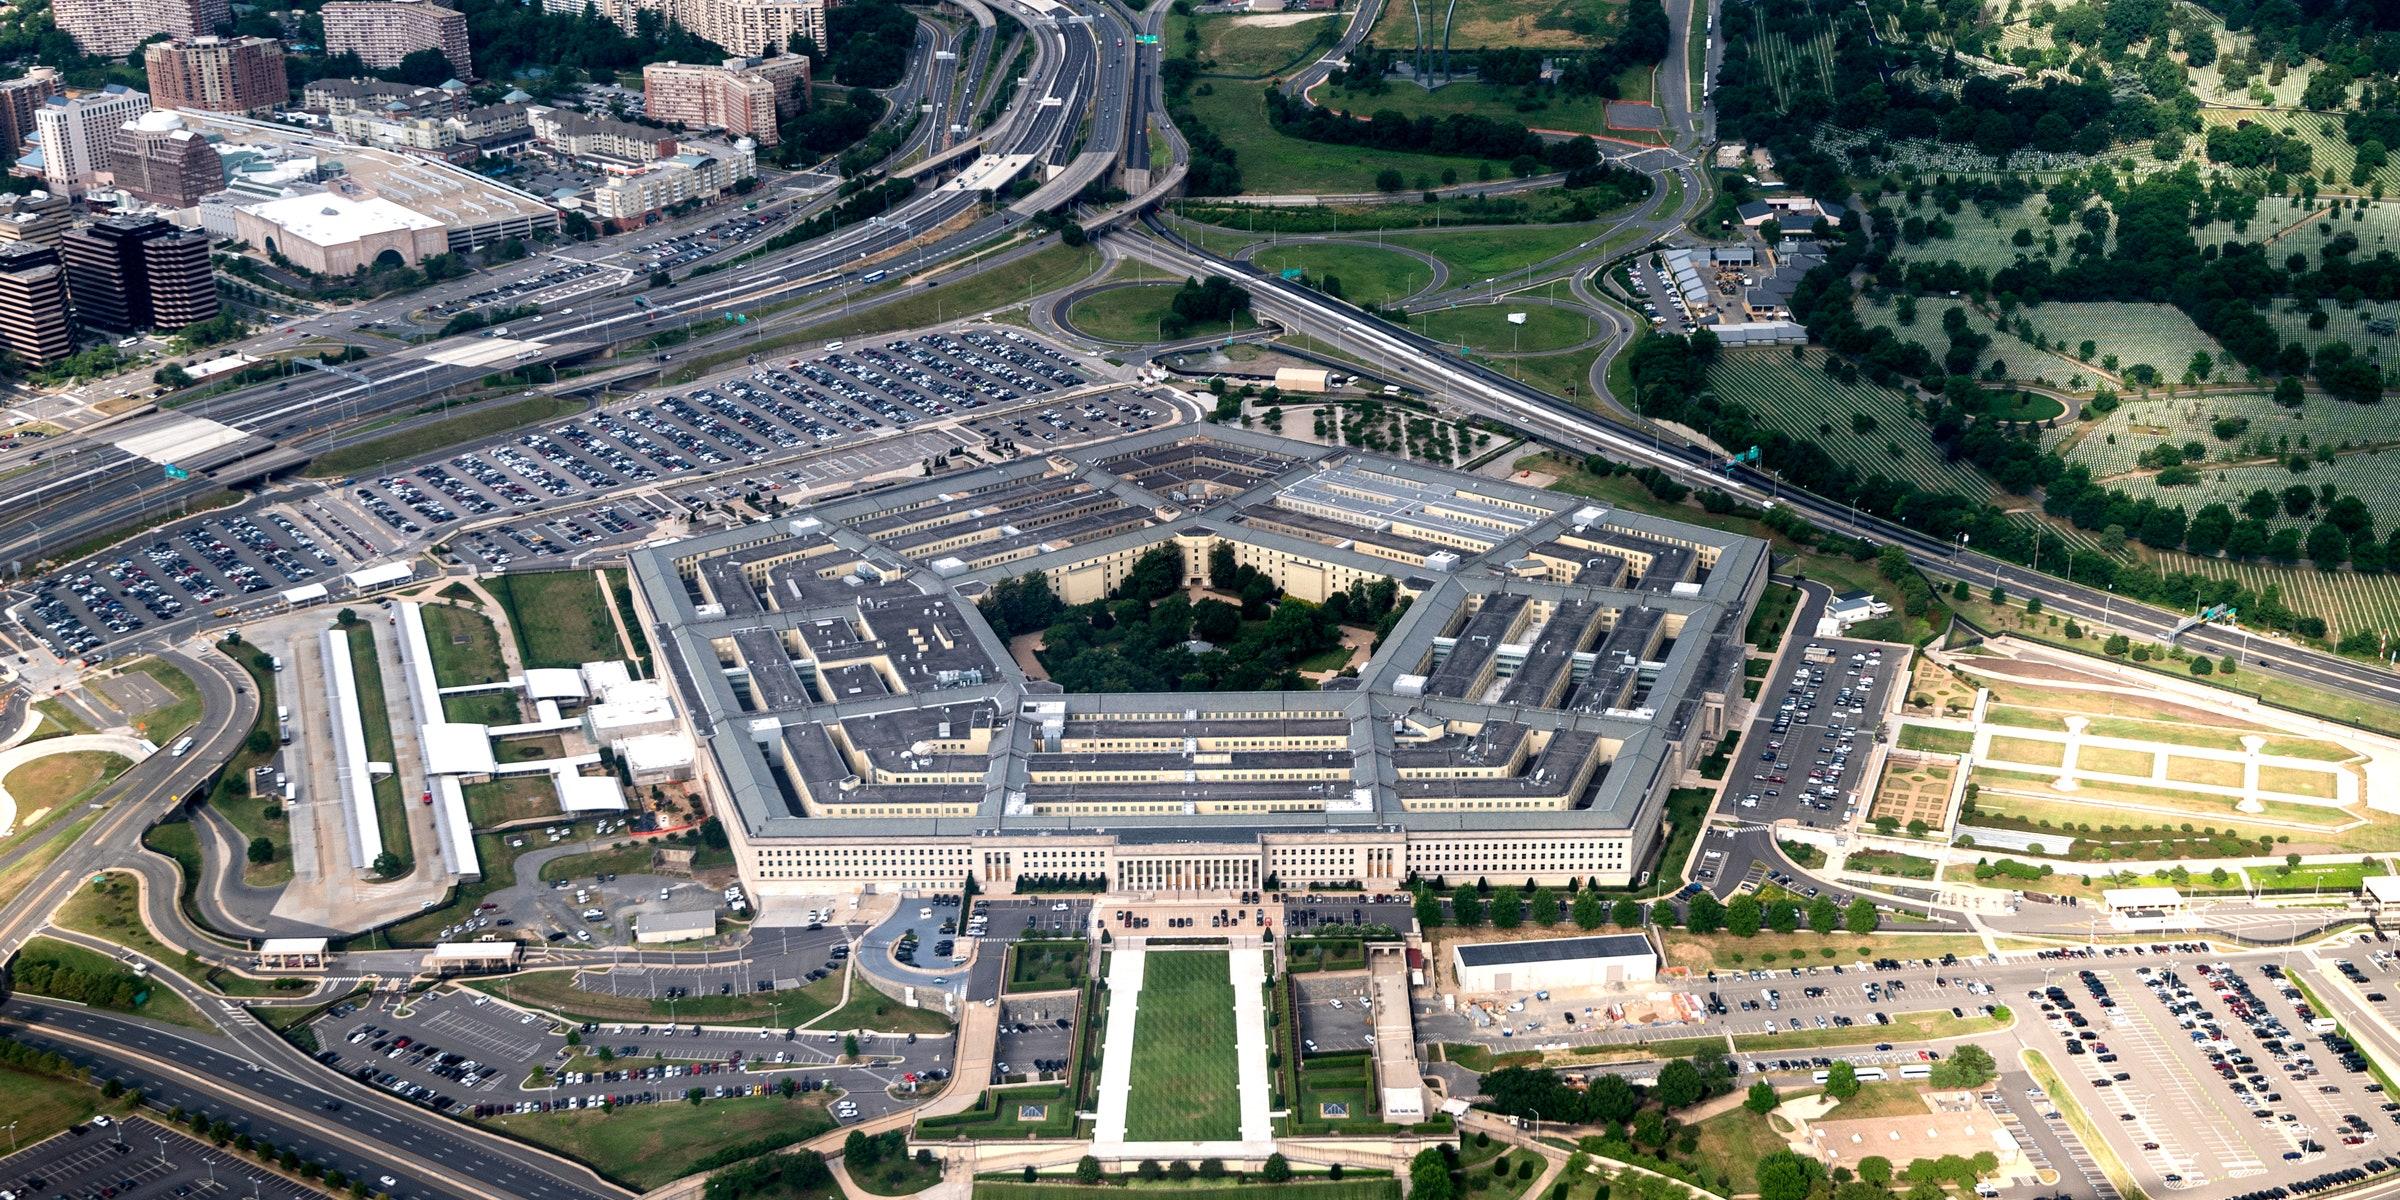 Pentagon bölgesinde çatışma: Dışarıya kapatıldı